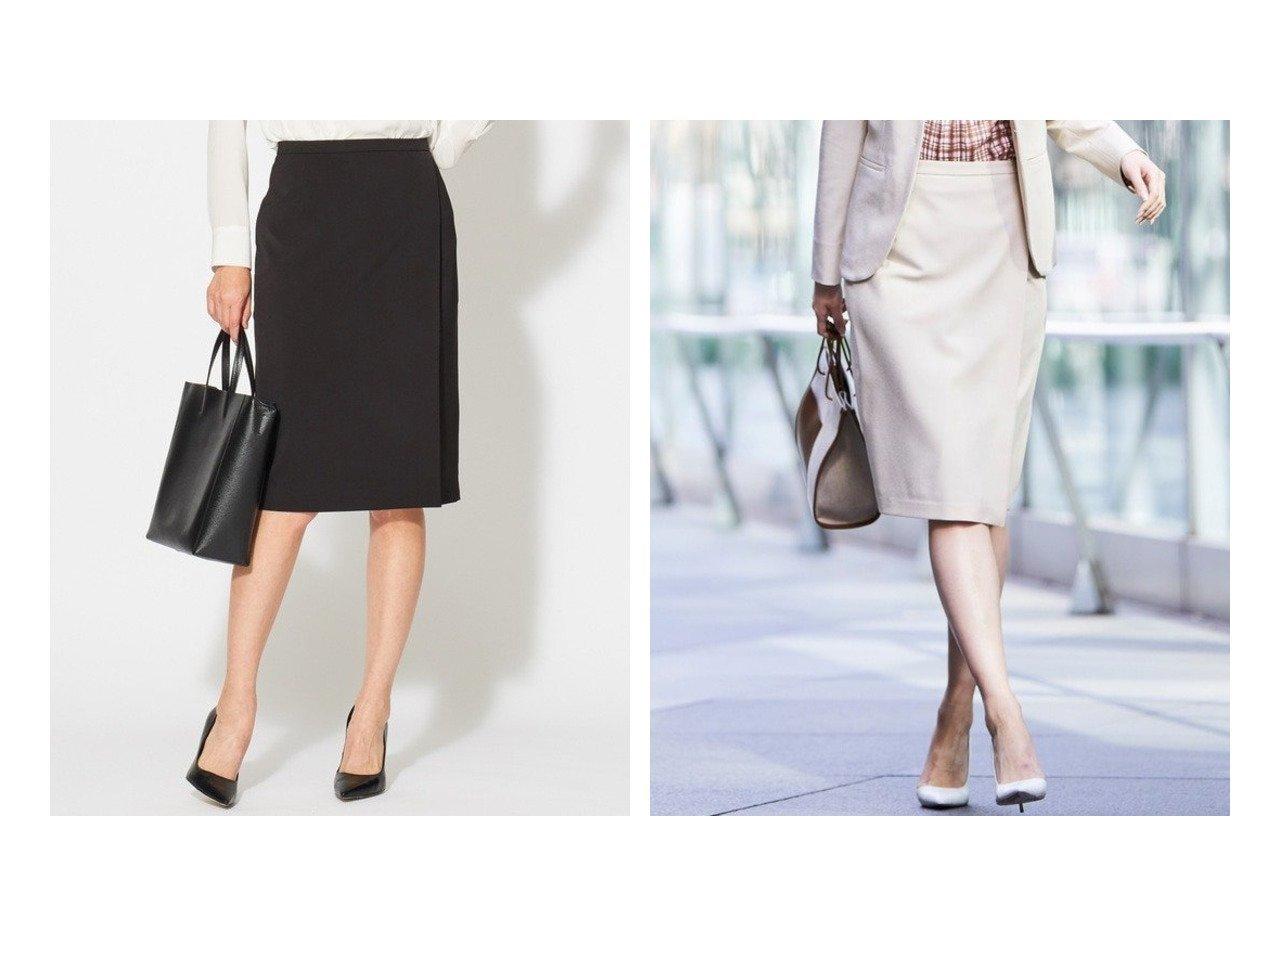 【iCB/アイシービー】の【洗えるセットアップ】Fied ラップ風スカート スカートのおすすめ!人気、トレンド・レディースファッションの通販 おすすめで人気の流行・トレンド、ファッションの通販商品 メンズファッション・キッズファッション・インテリア・家具・レディースファッション・服の通販 founy(ファニー) https://founy.com/ ファッション Fashion レディースファッション WOMEN セットアップ Setup スカート Skirt 洗える ジャケット ストレッチ スーツ セットアップ チェック 定番 Standard 人気 ラップ ワイド 送料無料 Free Shipping |ID:crp329100000013420